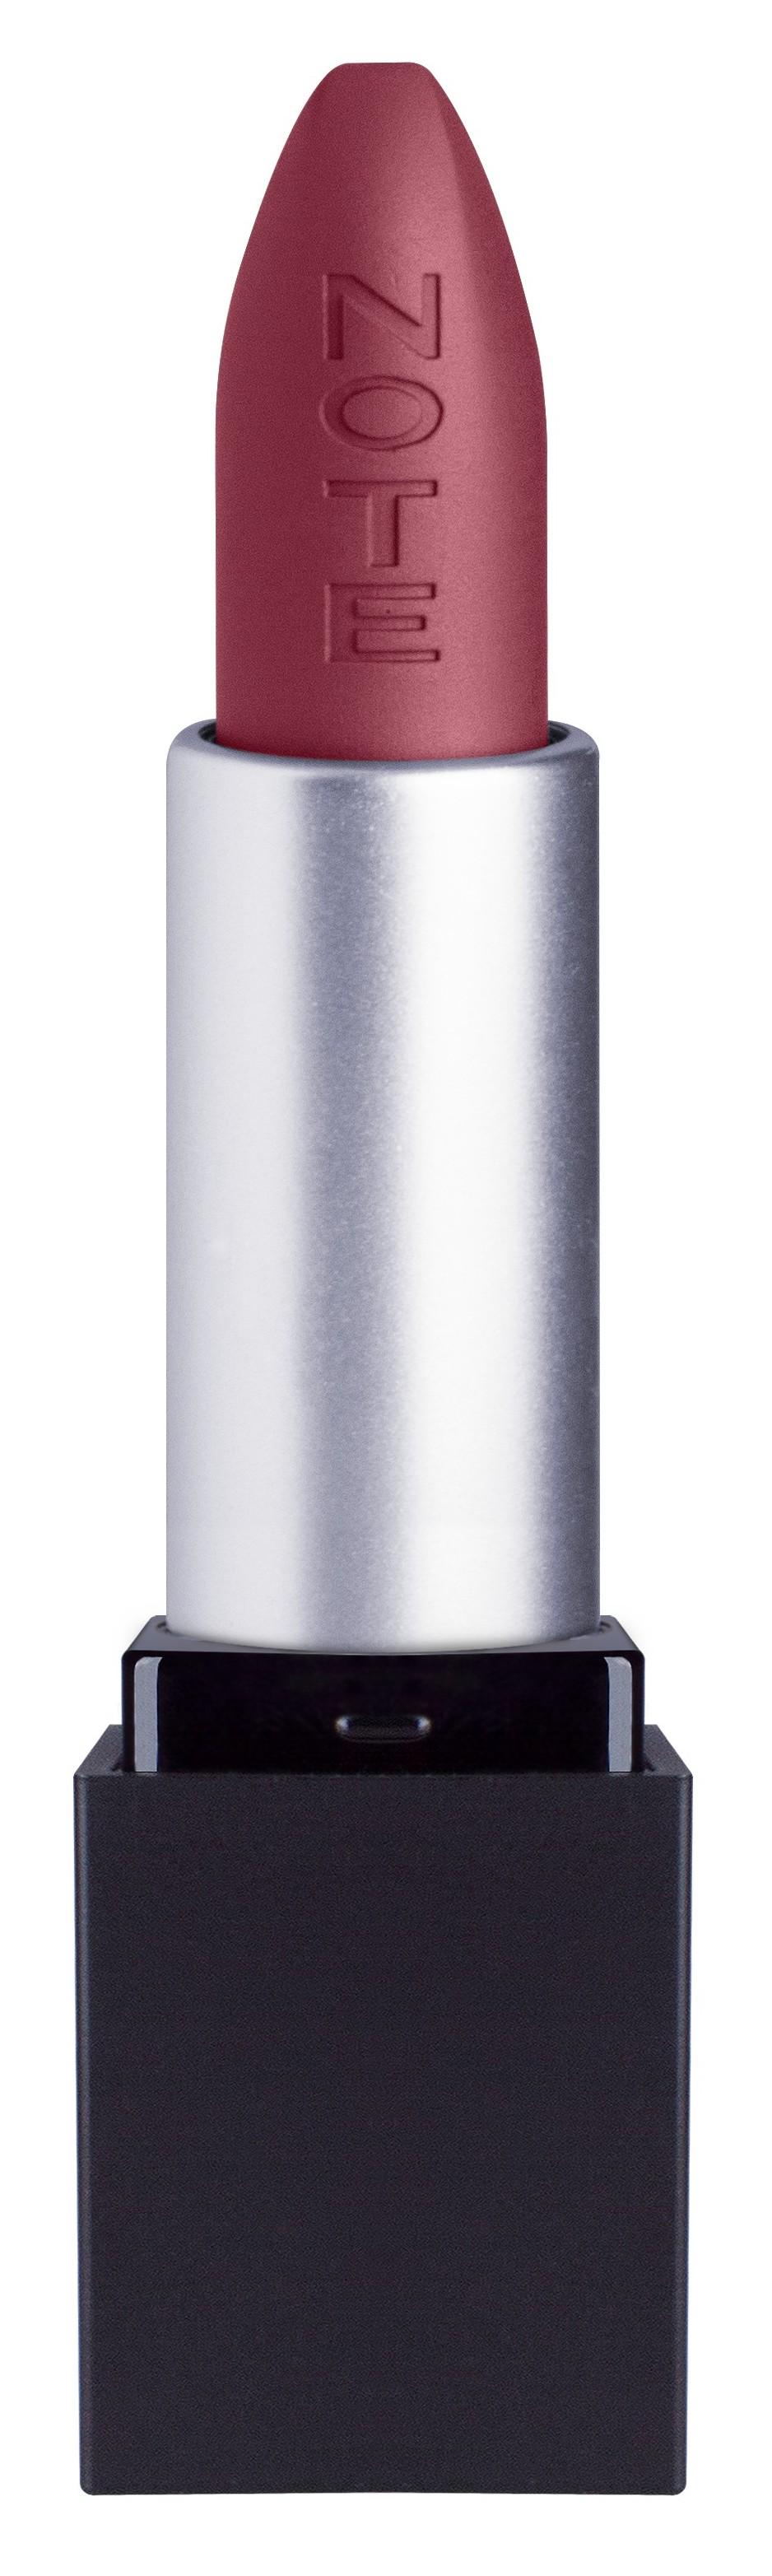 Купить NOTE Cosmetics Помада стойкая матовая для губ 08 / MATTEVER LIPSTICK 4, 5 г